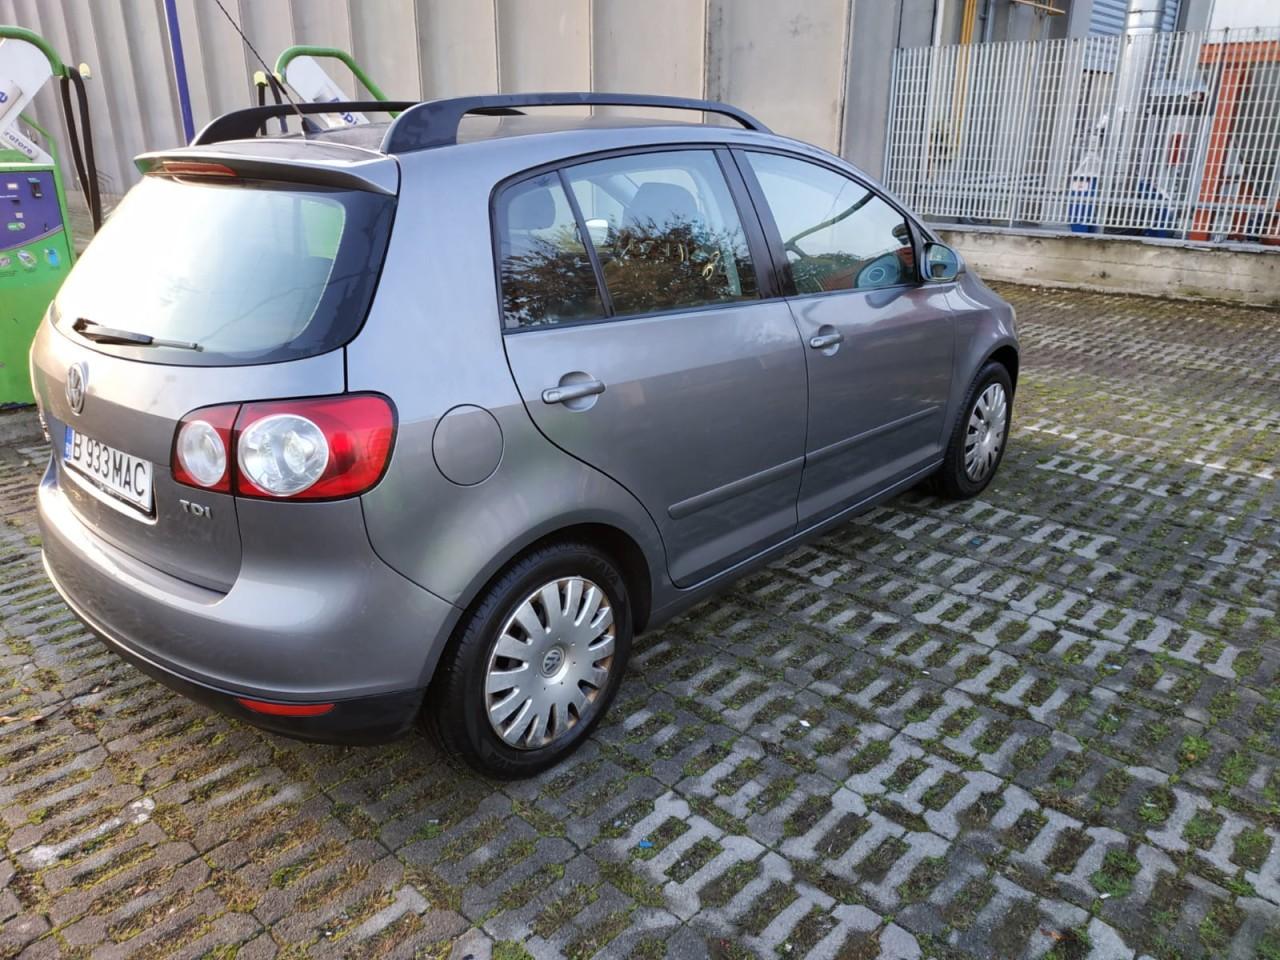 VW Golf Plus 1234567891234566 2007